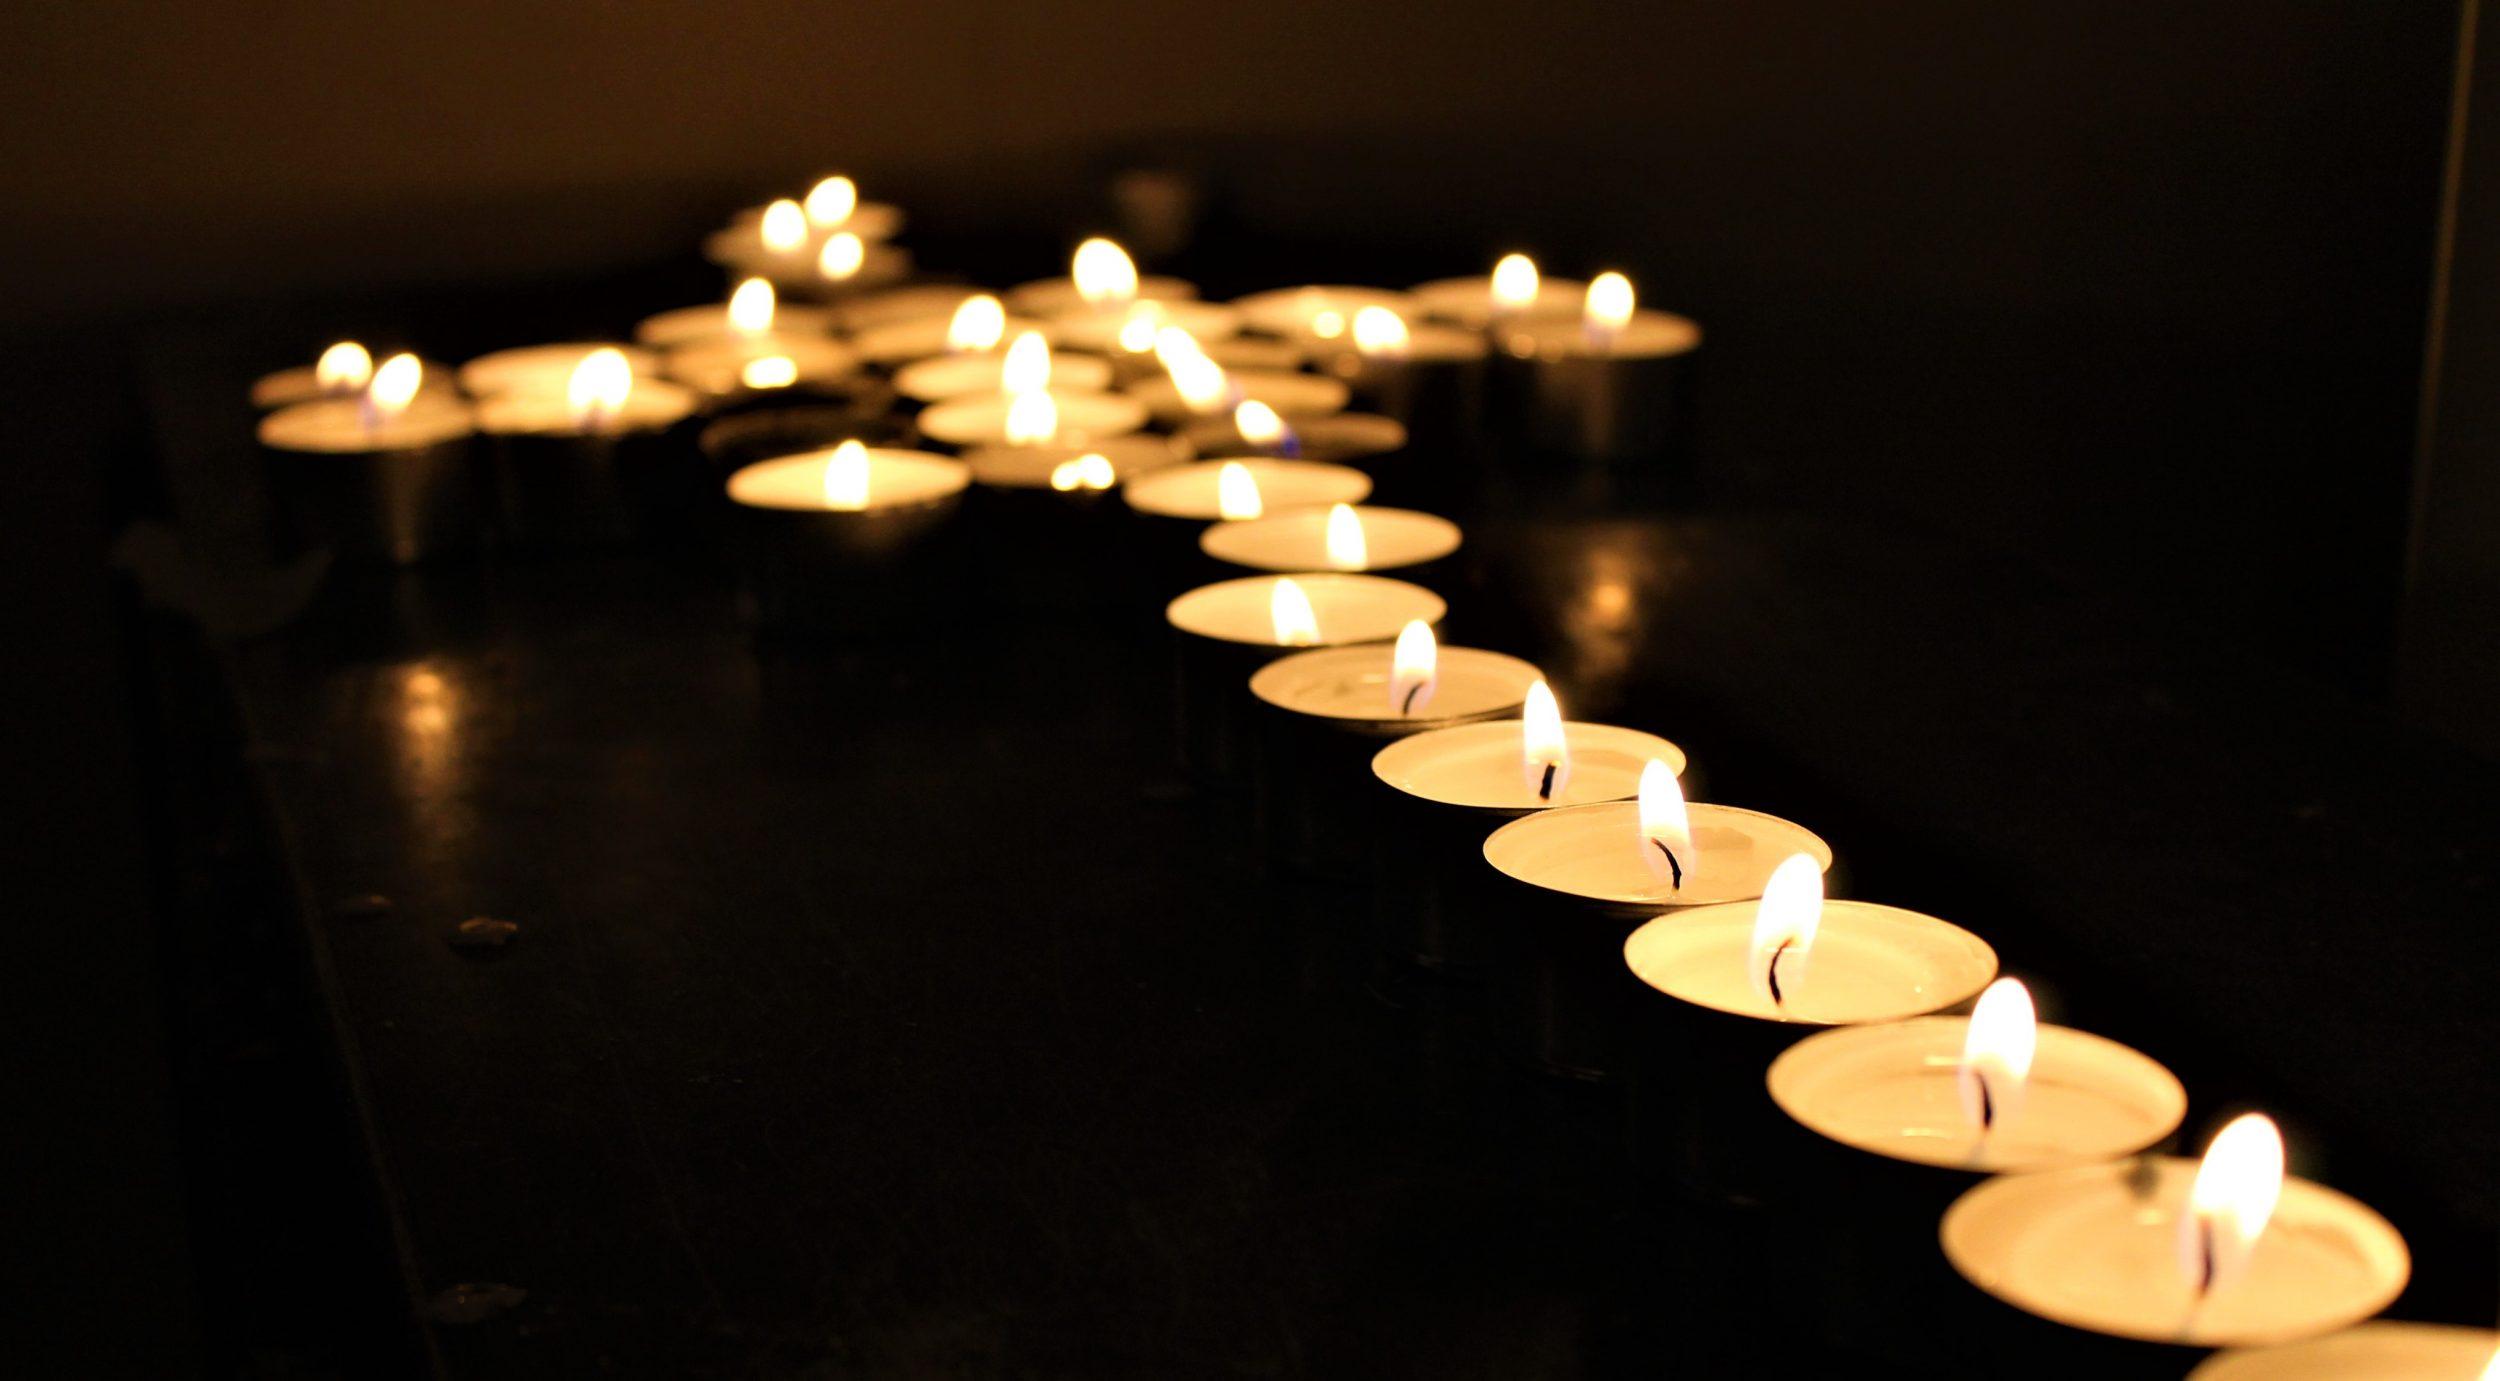 Bön för konvertiter den 16 januari